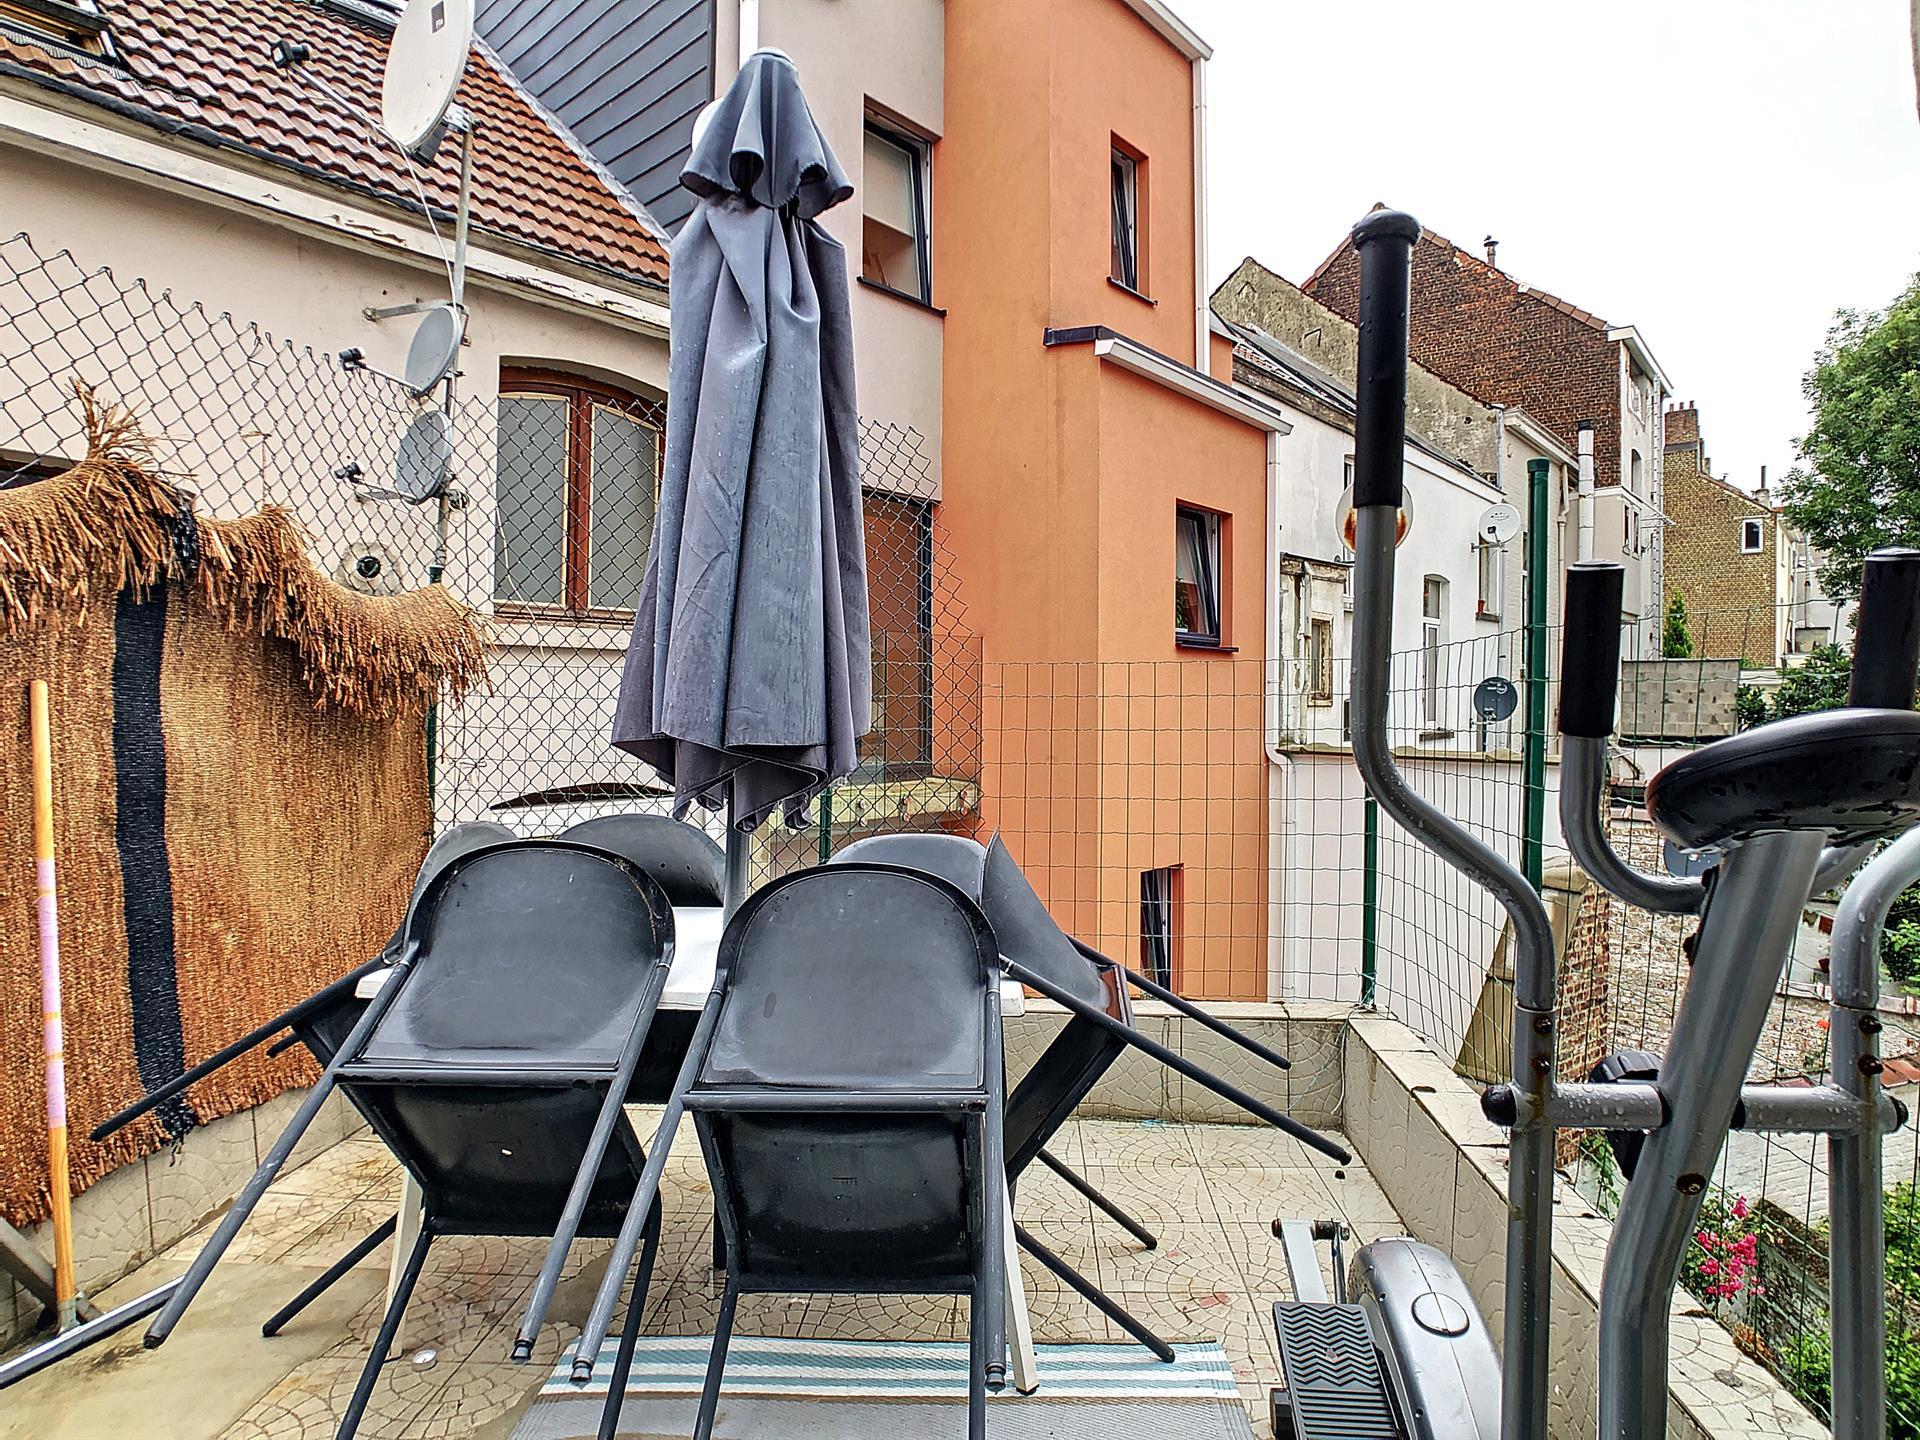 Maison unifamiliale - Ixelles - #4397818-9